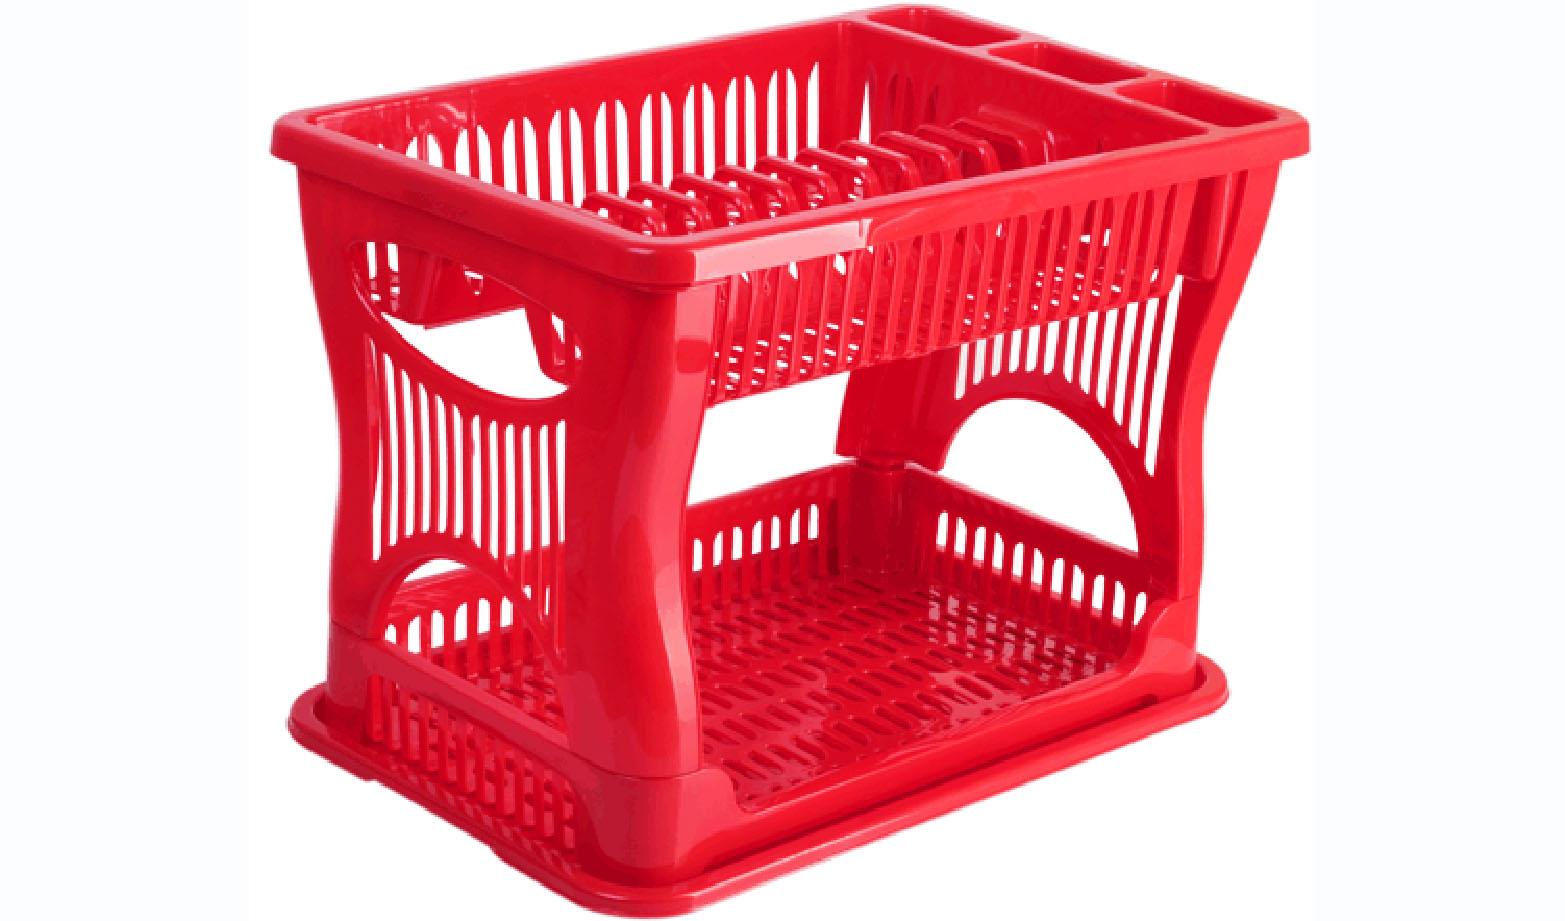 Сушилка для посуды Idea, 2-ярусная, цвет: красный, 42 х 27 х 30,5 см0014310E212Двухъярусная сушилка Idea выполнена из прочного пластика и оснащена поддоном. Изделие комплектуется двумя ярусами: верхний ярус - для тарелок и столовых приборов, нижний ярус - для кружек, мисок и других предметов. Благодаря своей функциональности, сушилка для посуды Idea займет достойное место на вашей кухне и будет очень полезна любой хозяйке. Стильный, современный и лаконичный дизайн сделает сушилку прекрасным дополнением интерьера вашей кухни. Сушилку для посуды можете установить в любом удобном месте. Компактные размеры и оригинальный дизайн выделяют сушилку из ряда подобных.Общий размер сушилки: 42 х 27 х 30,5 см.